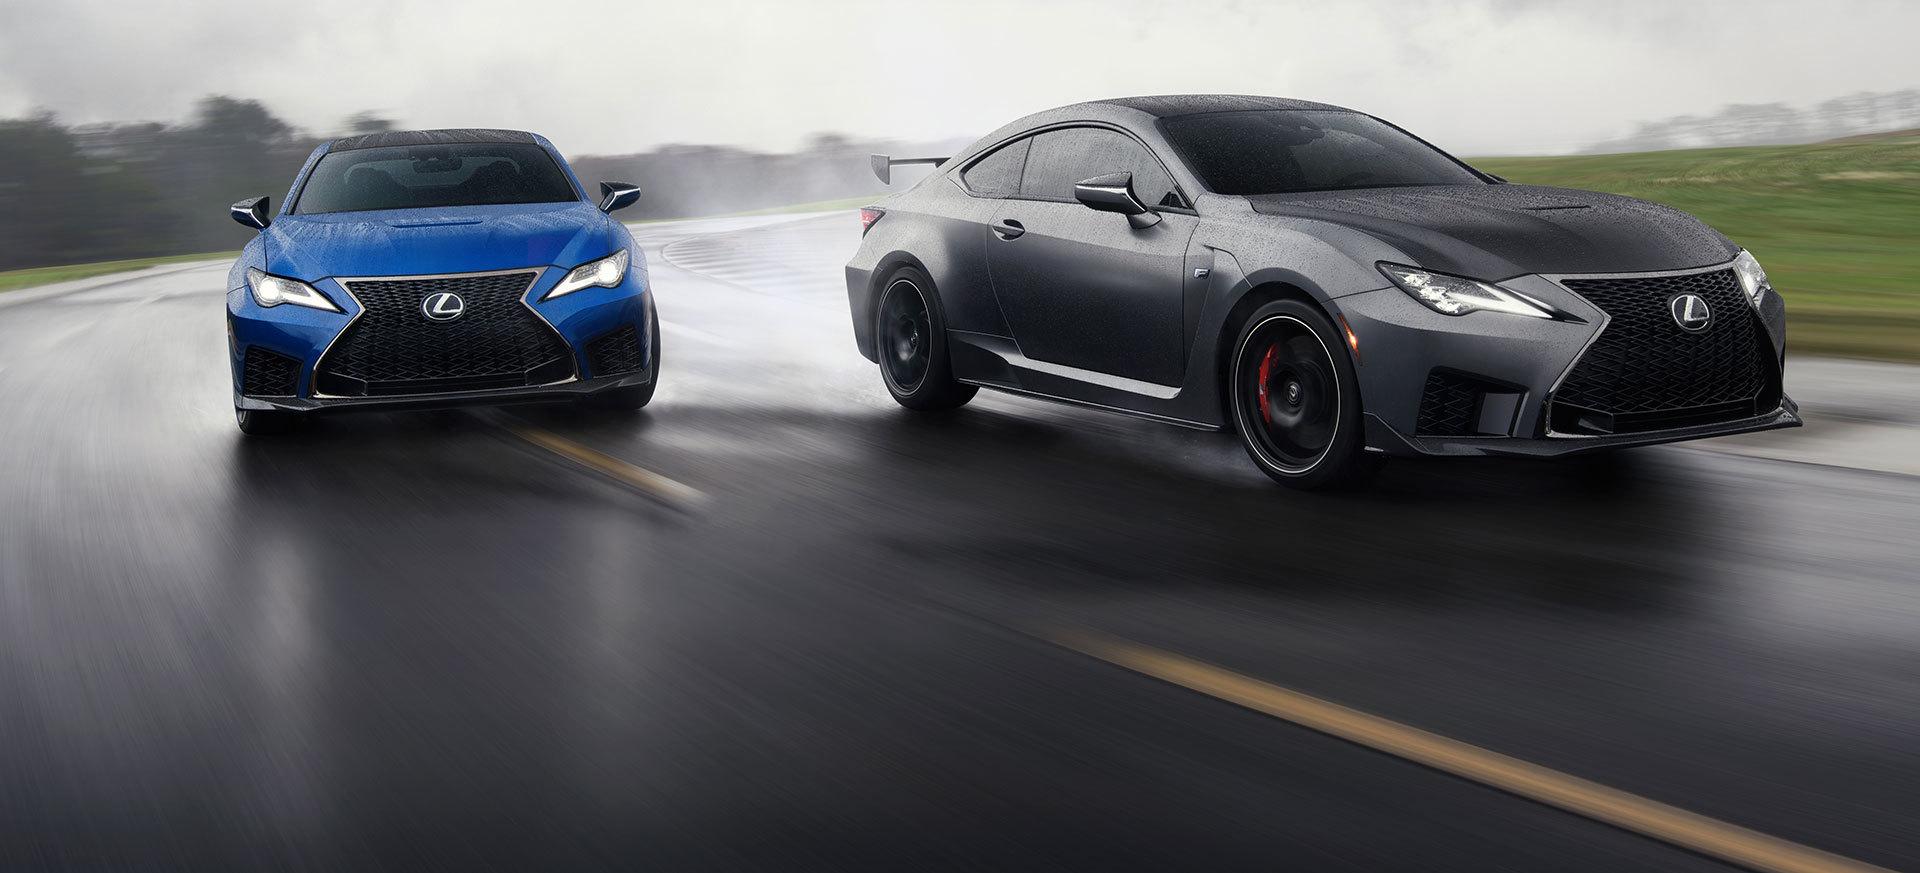 Lexus Rc F 2019 Y Track Edition 02